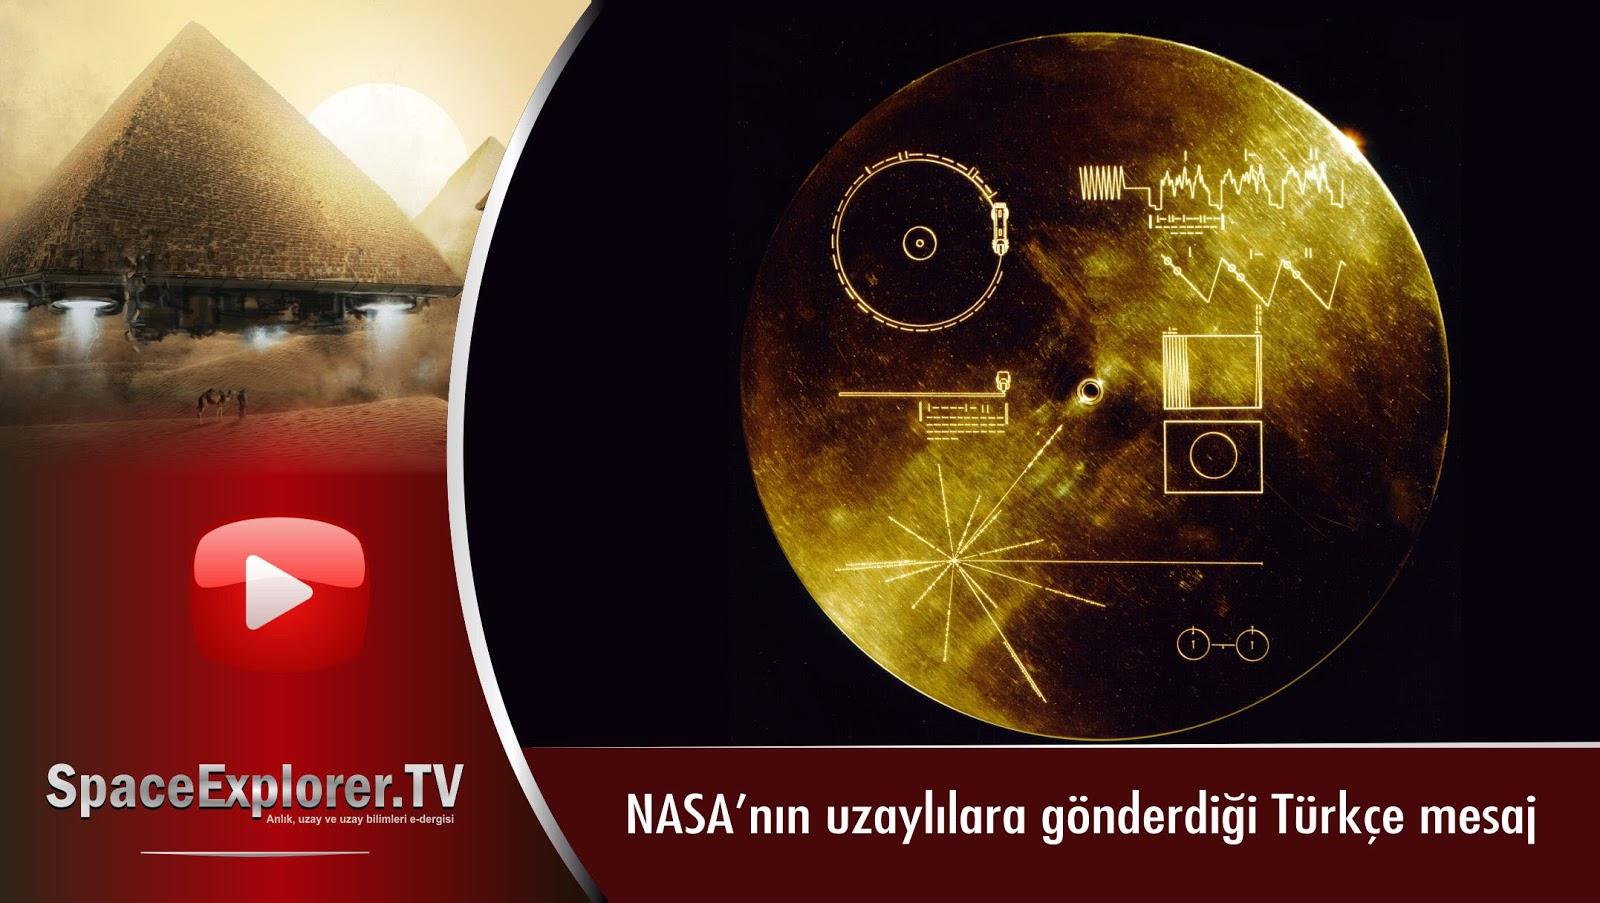 Videolar, NASA, Voyager 1, Voyager 2, Güneş sistemimizin dışı, Uzaya gönderilen mesajlar, Uzayda hayat var mı?, Evrende yalnız mıyız?,